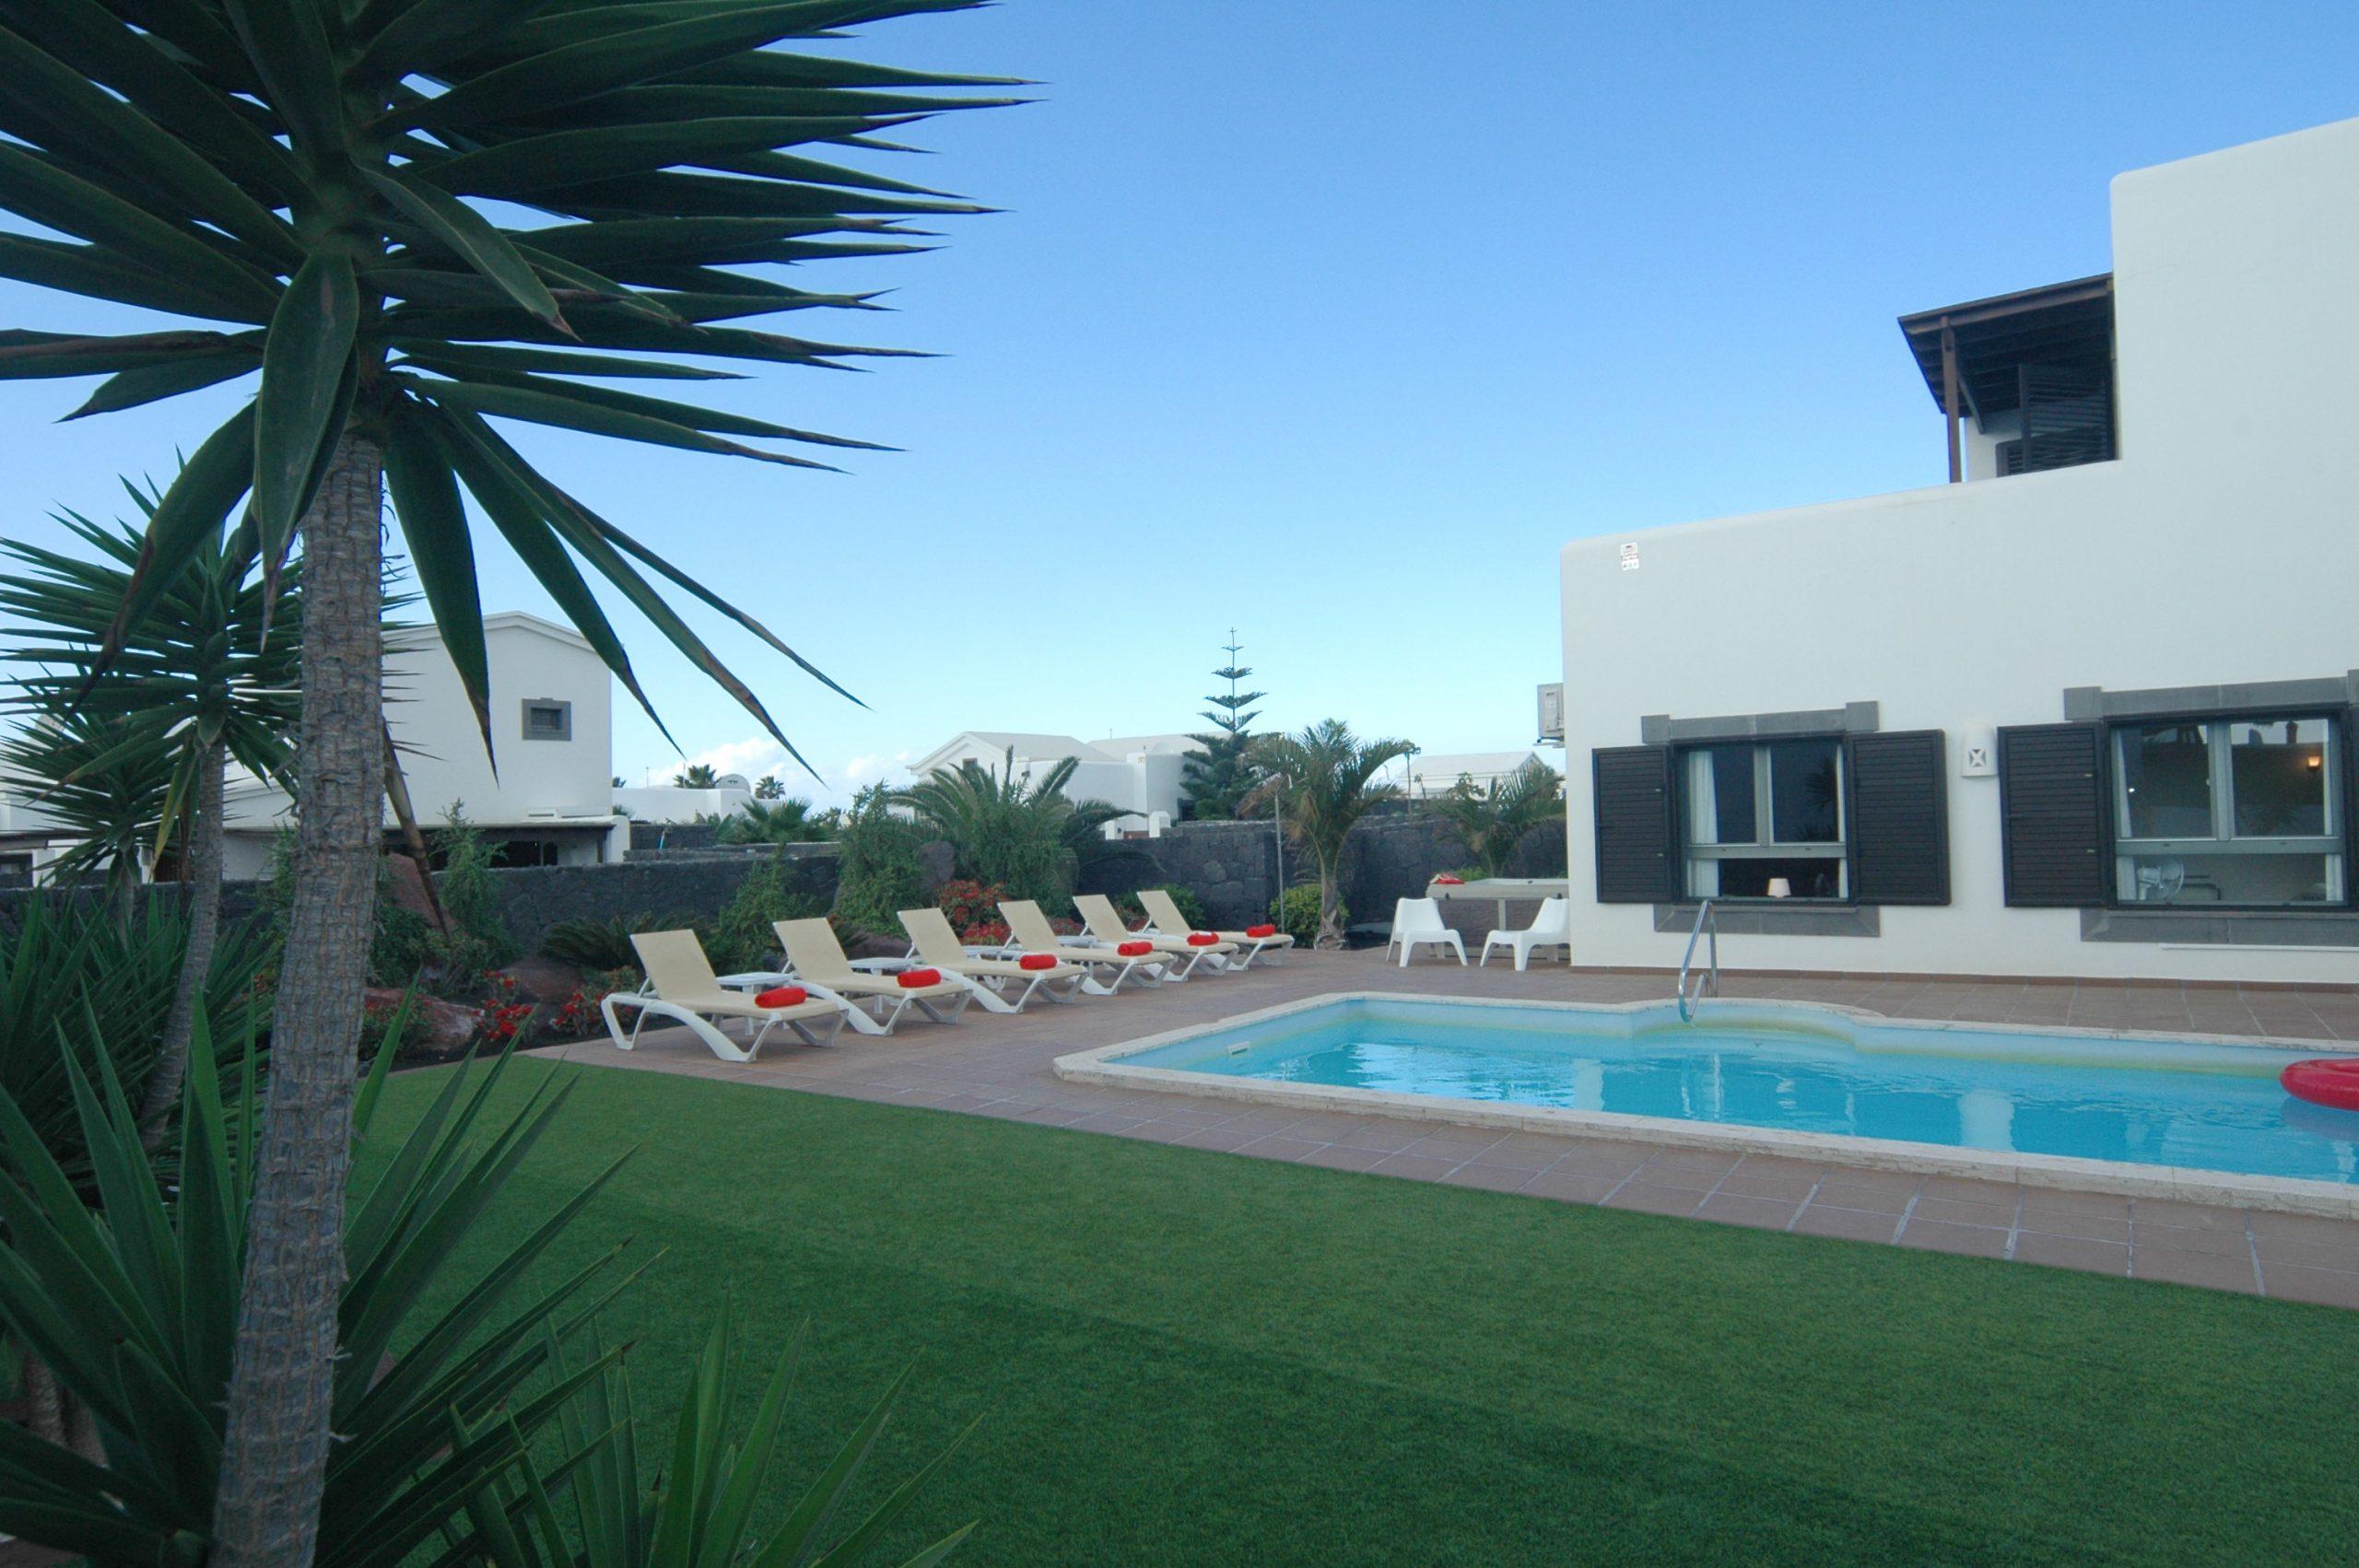 Villa_LVC338912 - Villa in Playa Blanca